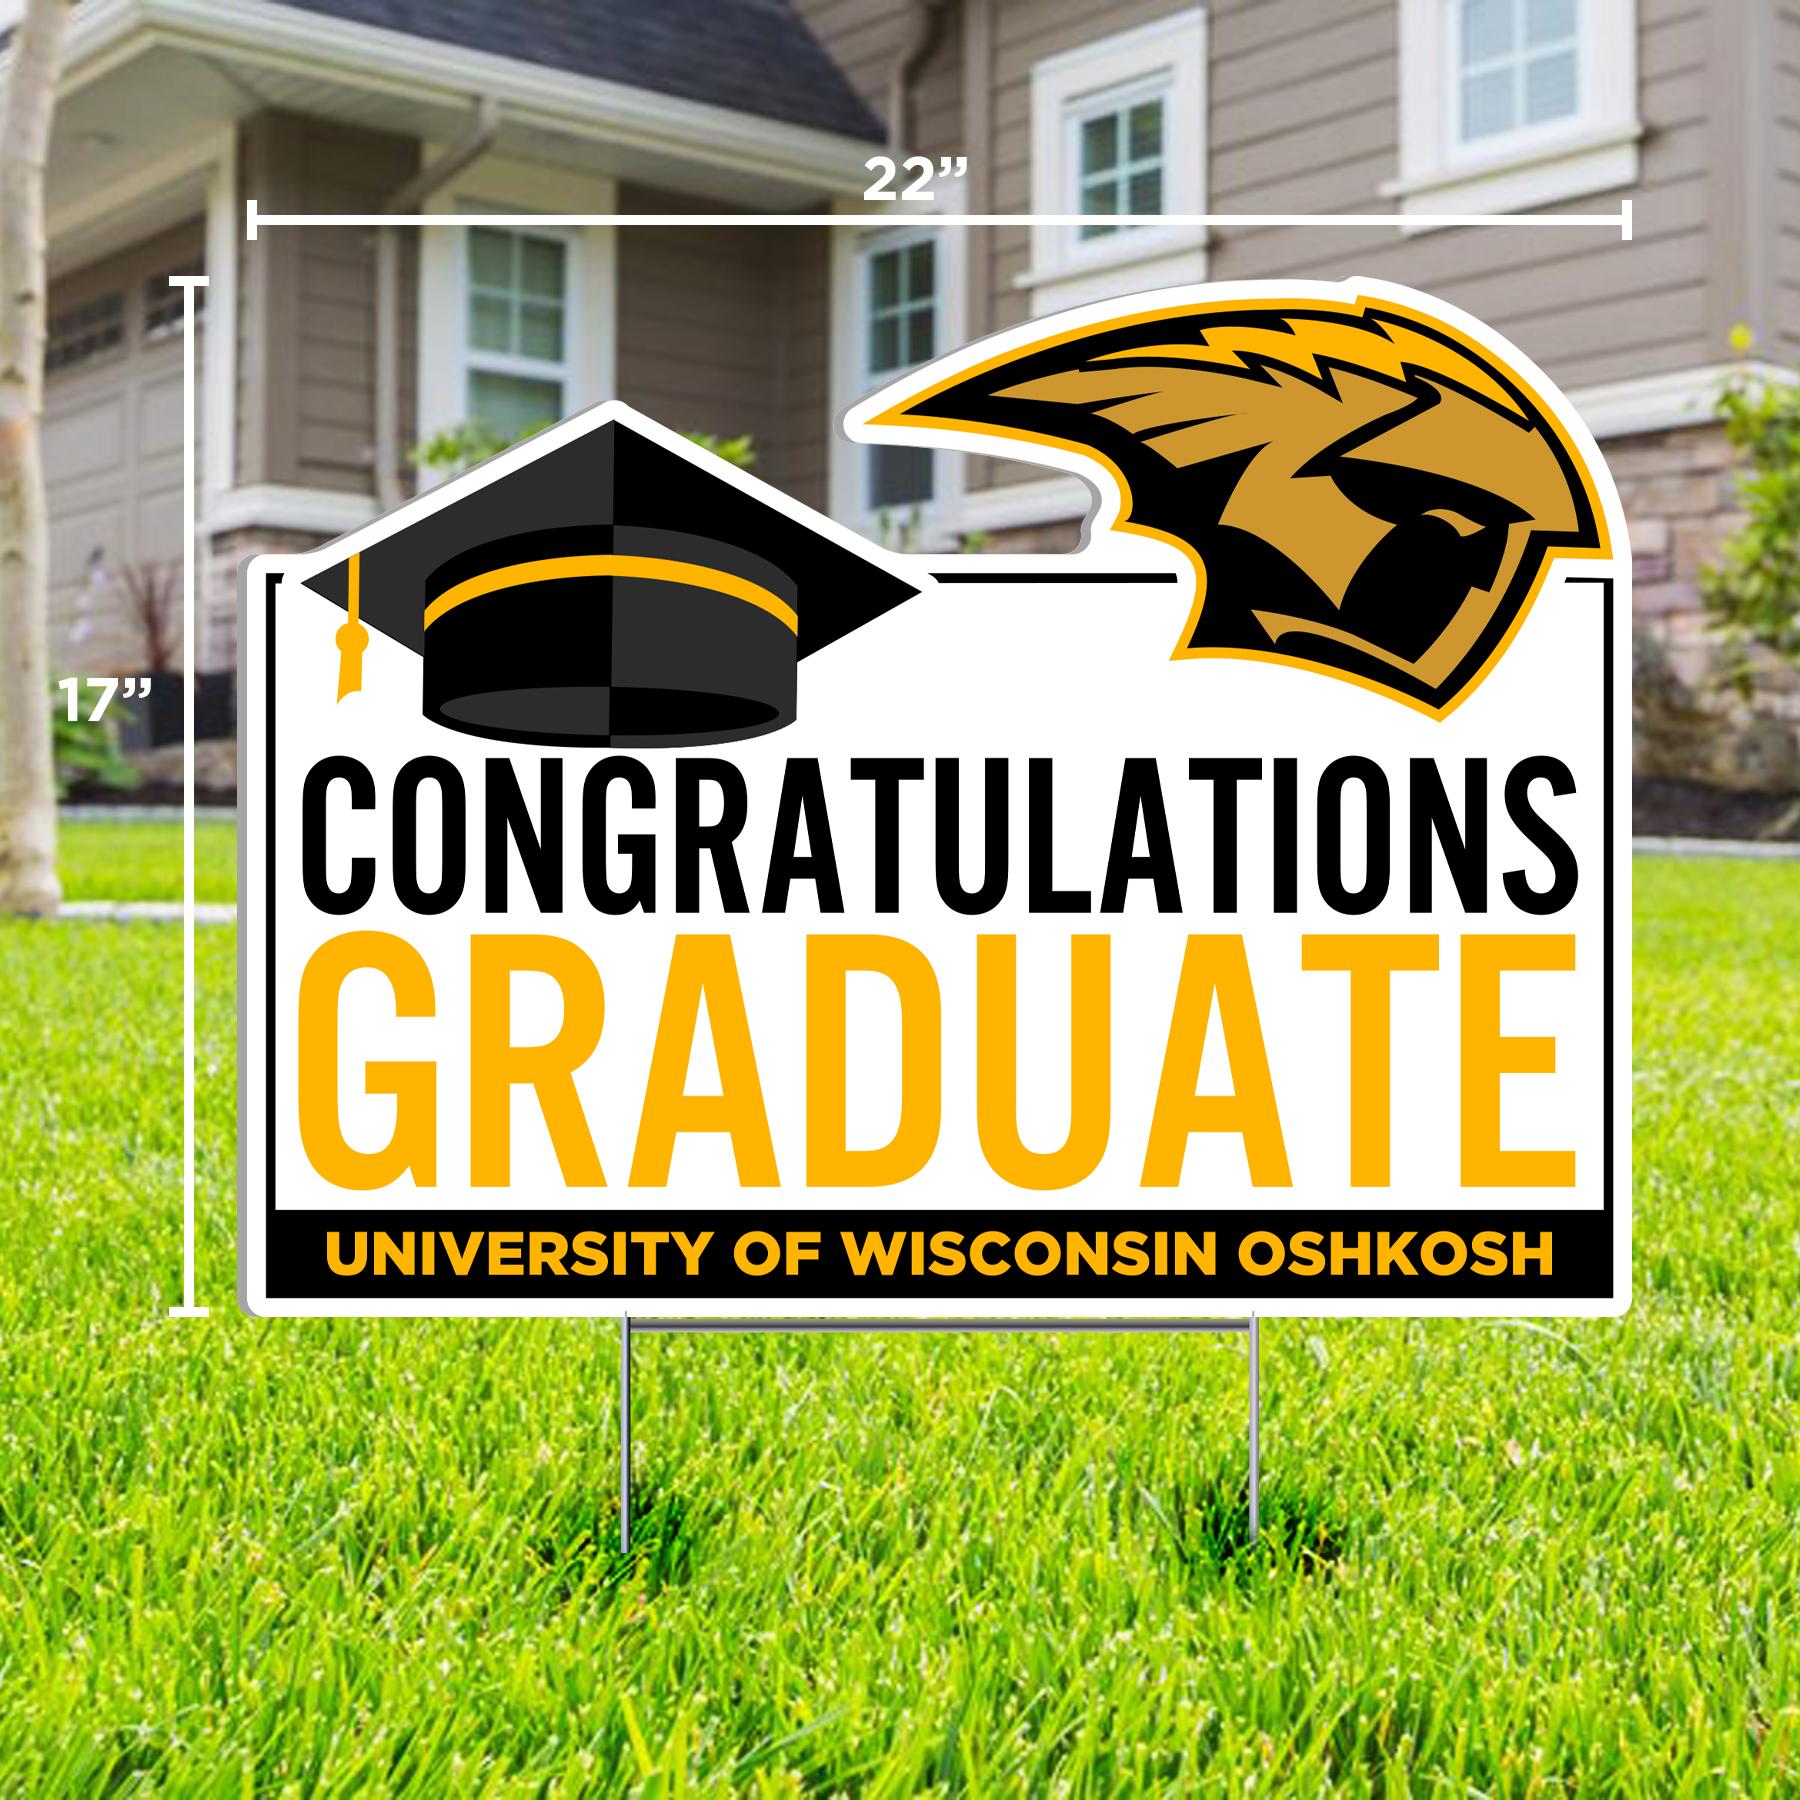 Congrats Grad Lawn Sign